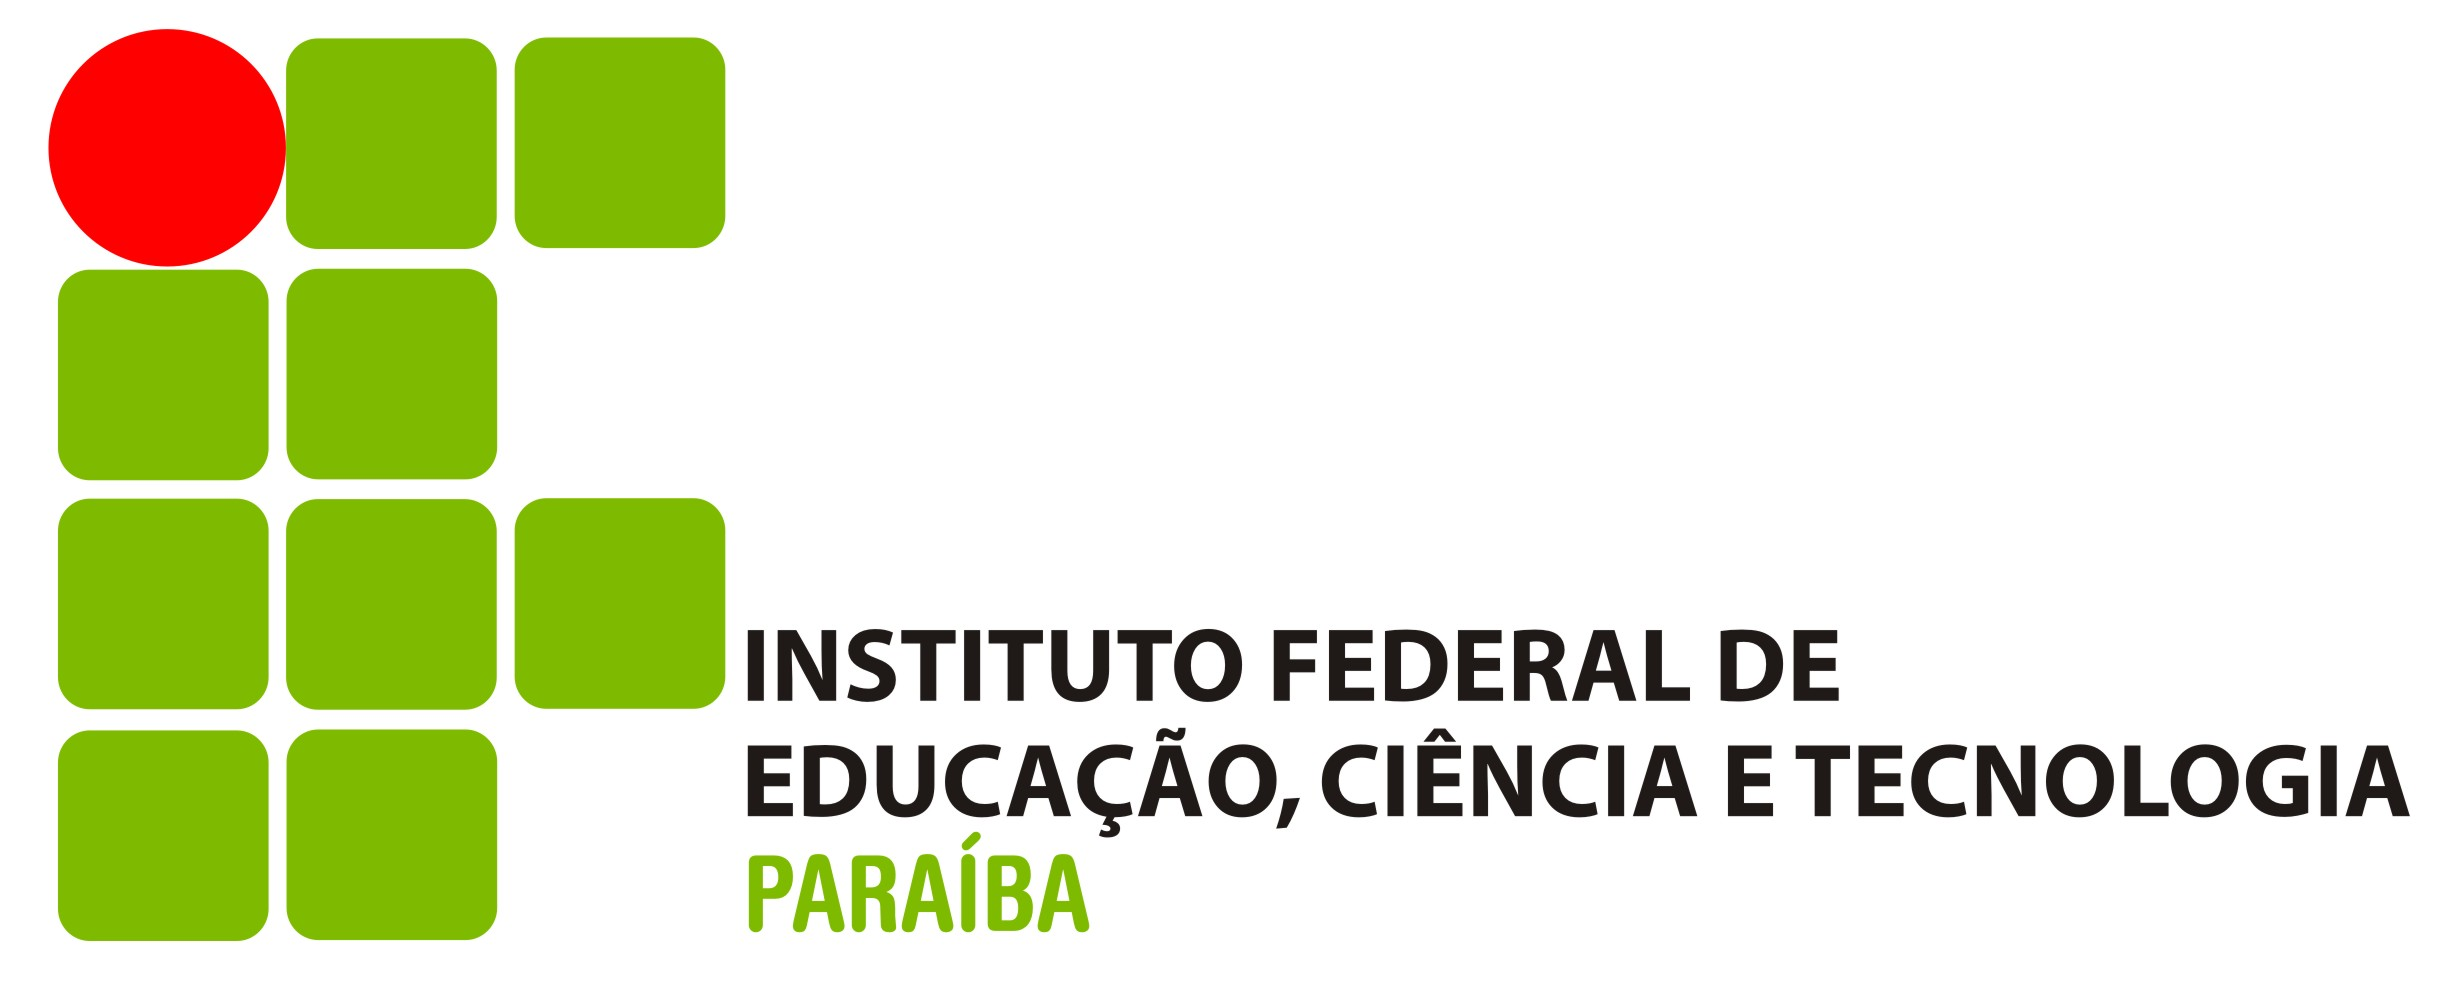 IFPB oferece Curso de Especialização em Gestão Pública para servidores de instituições públicas